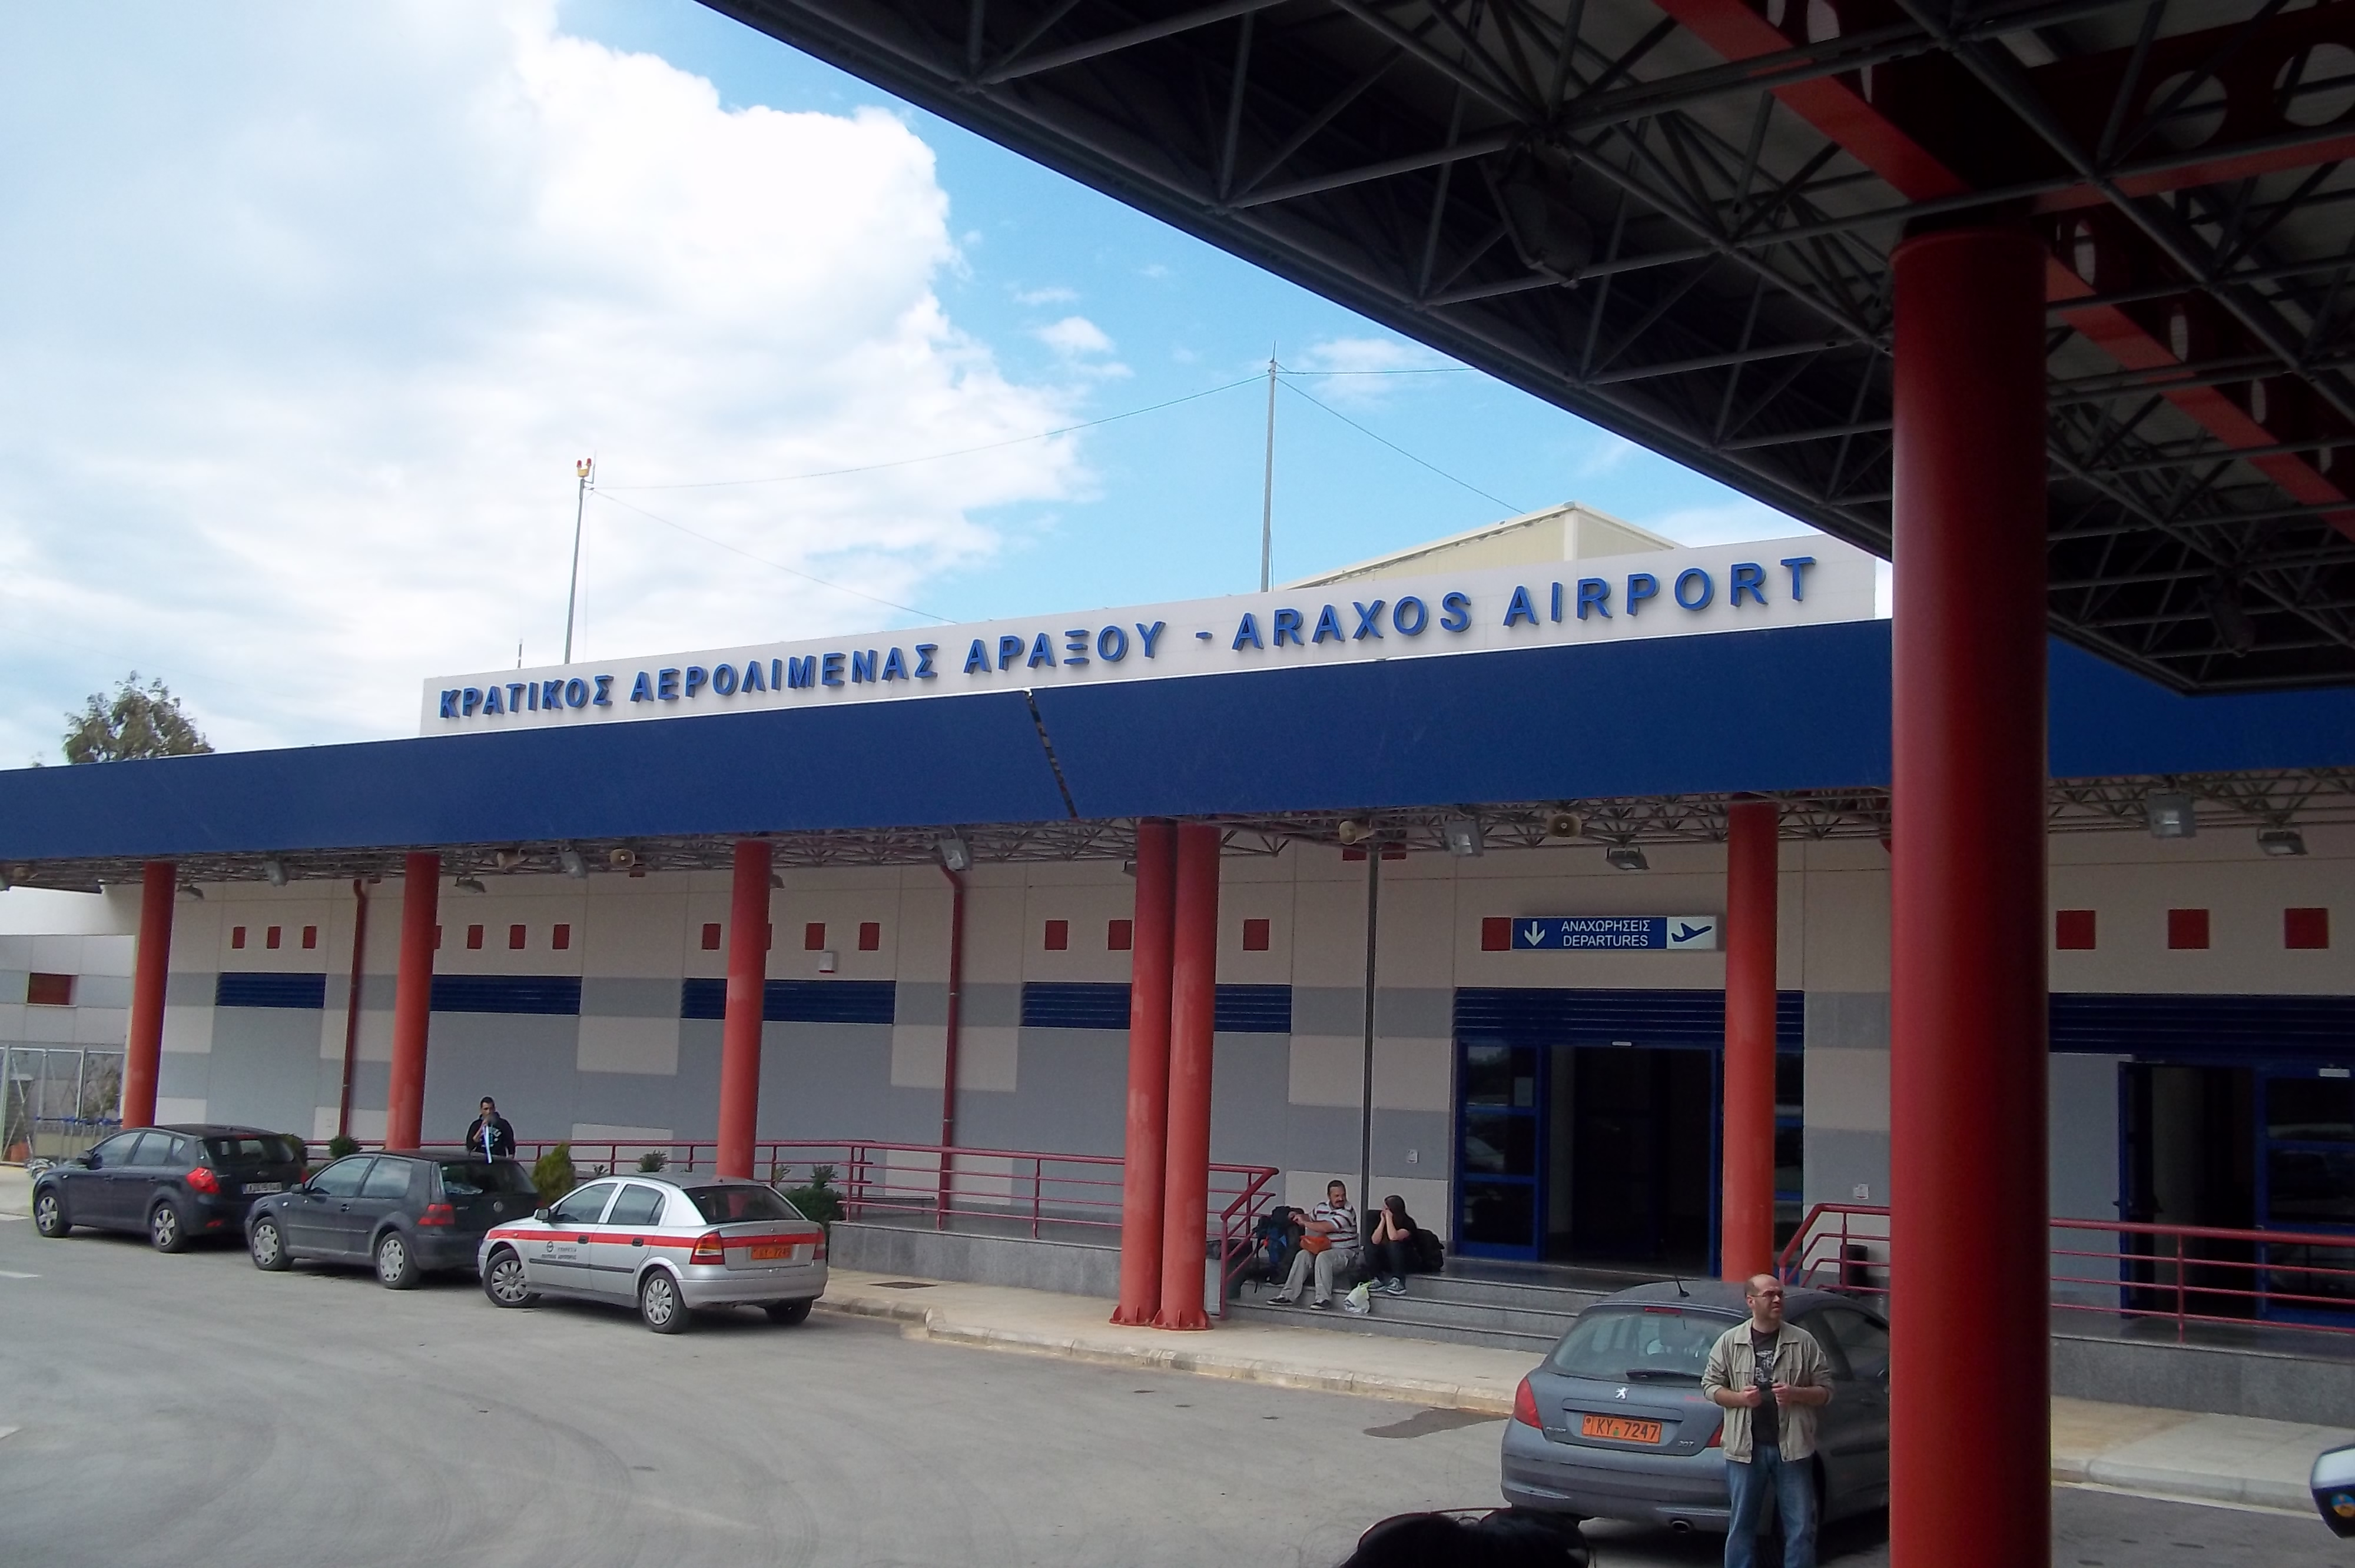 Κλειστό το αεροδρόμιο του Αράξου λόγω ζημιών από την πυρκαγιά